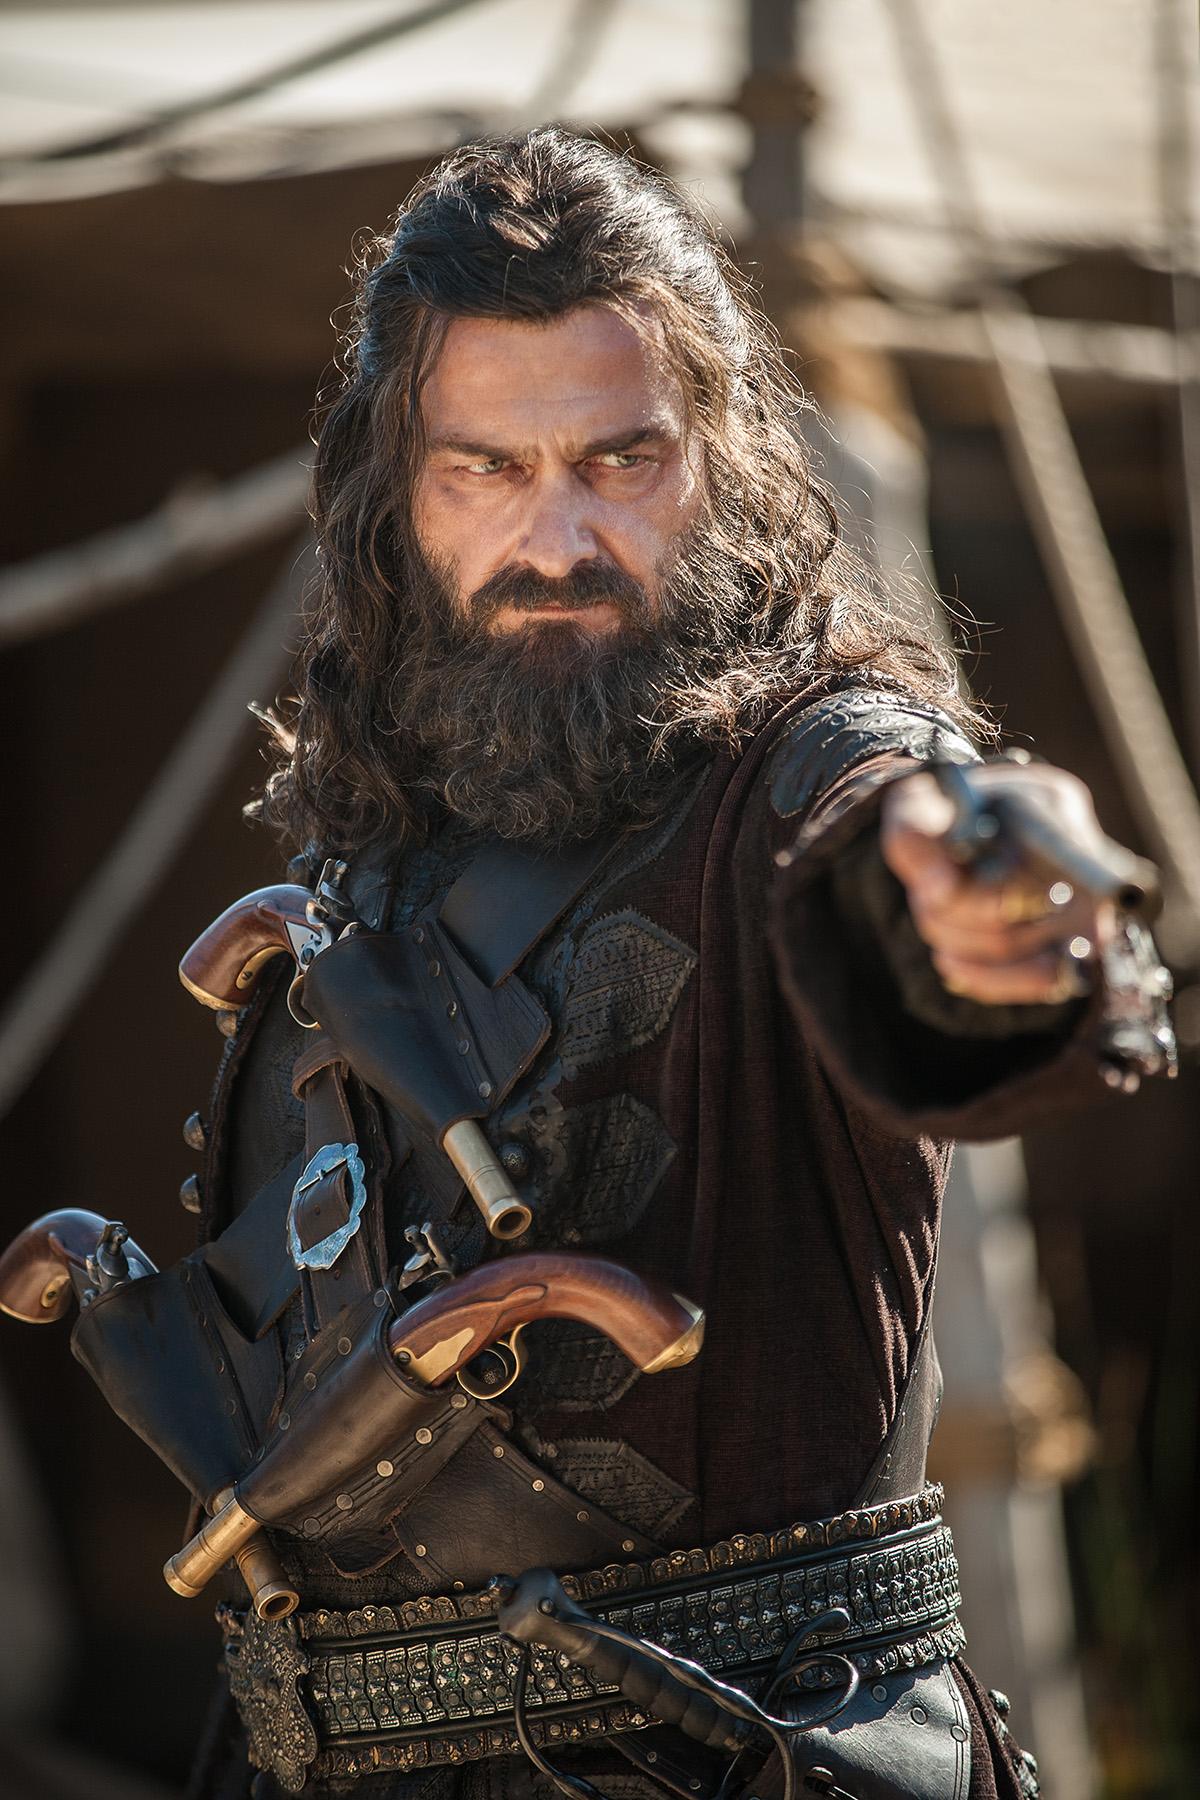 barbe noire black sails saison 3 - La saison 3 de Black Sails accueille Barbe Noire